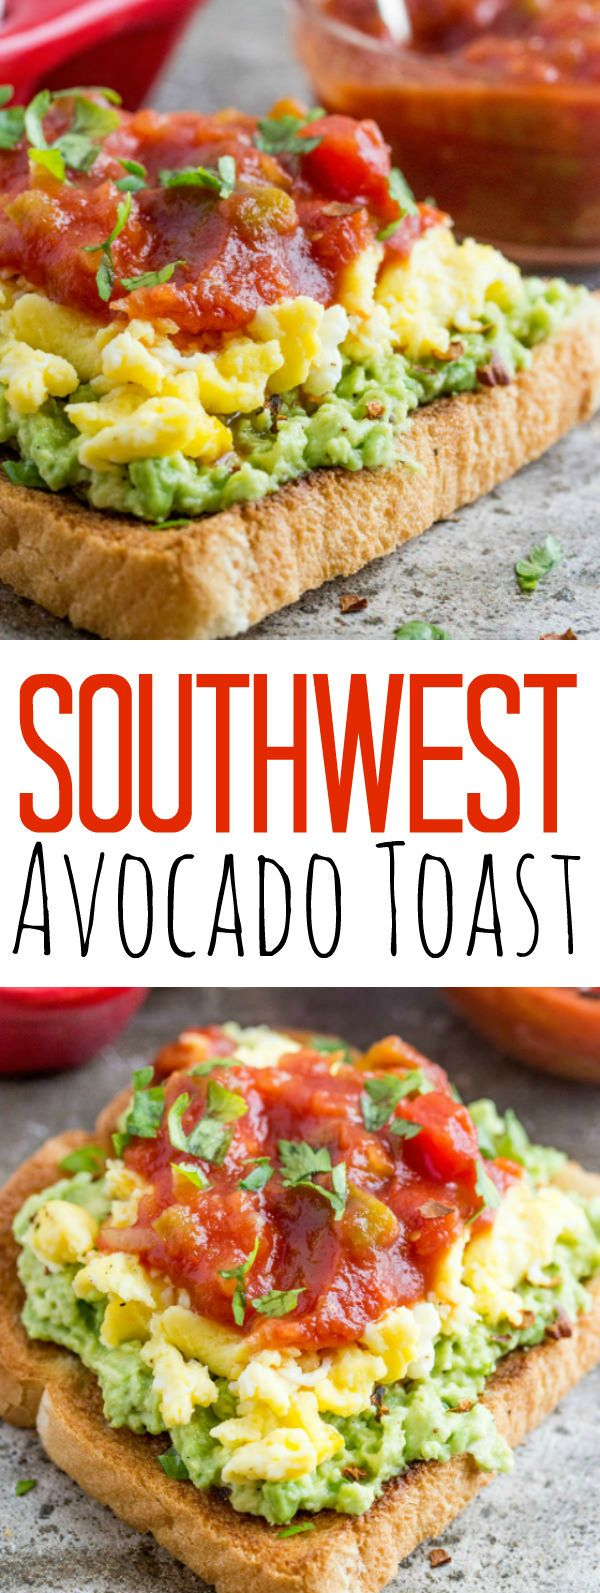 Southwest Avocado Toast